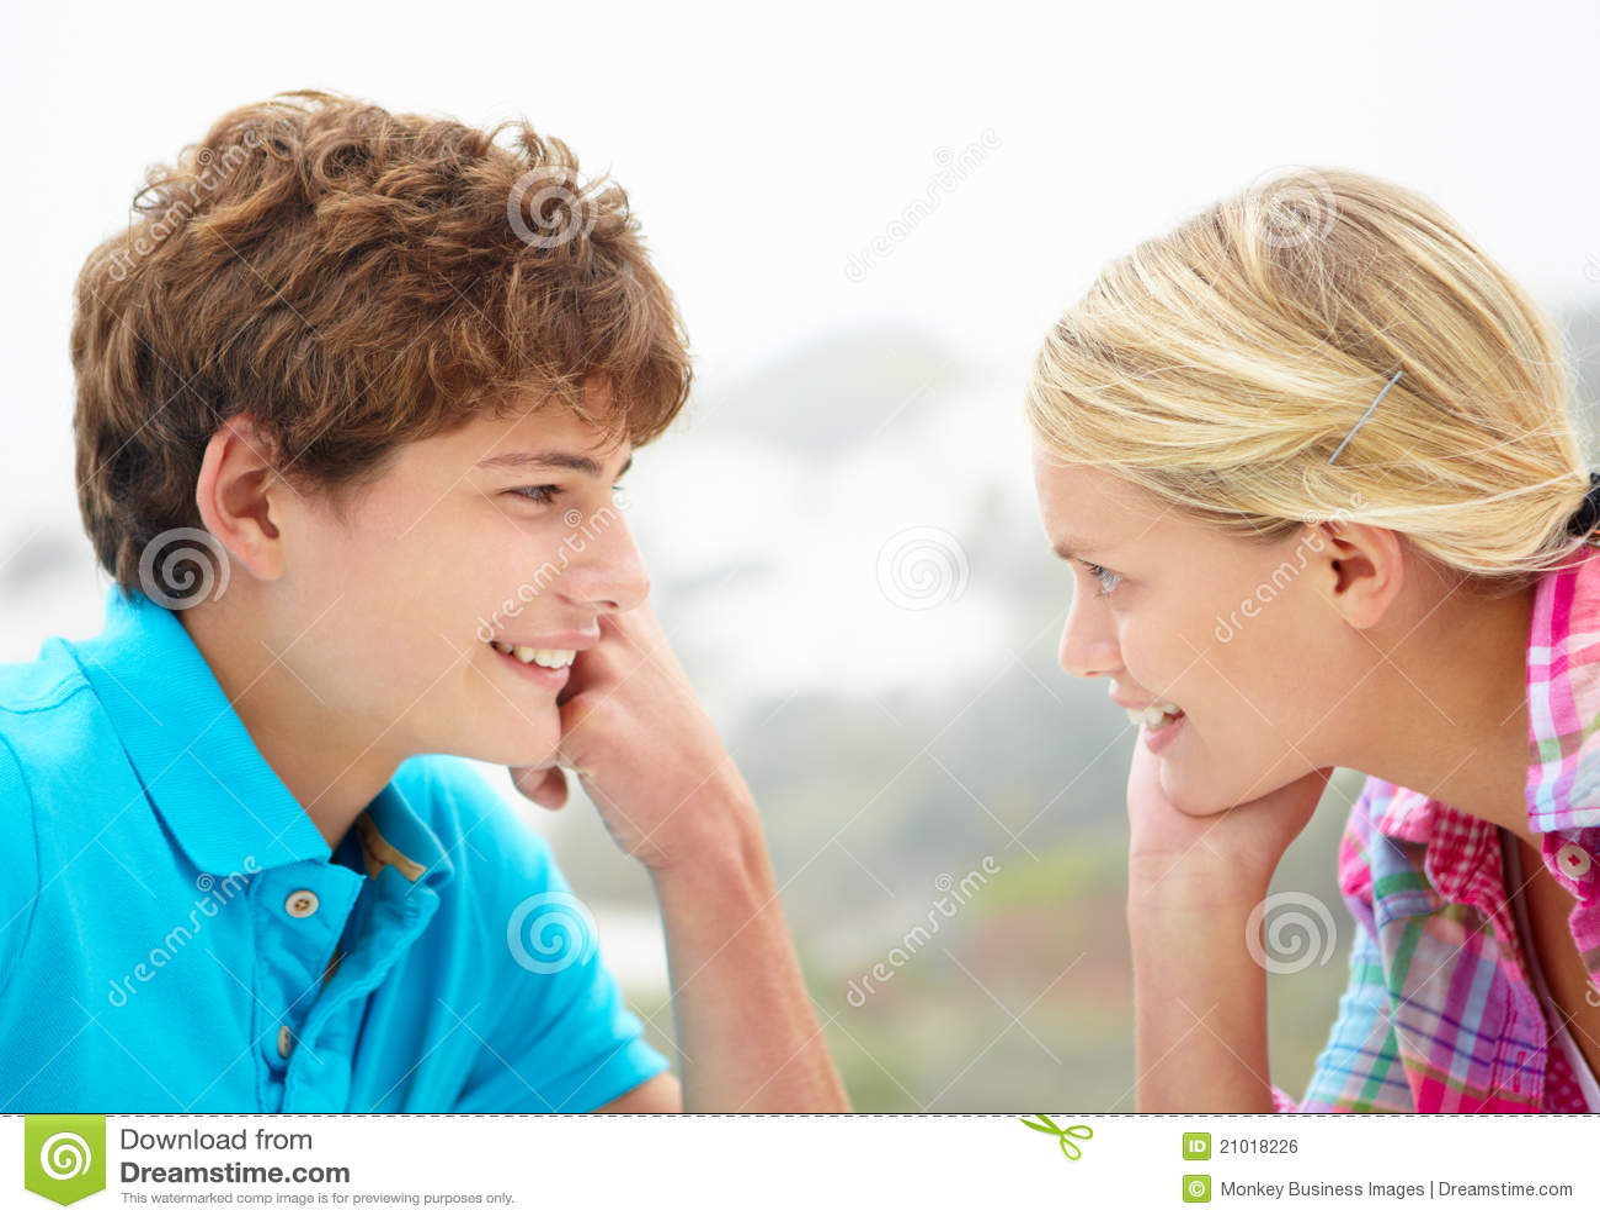 Смотреть мальчик и девочка занимается сексом 3 фотография